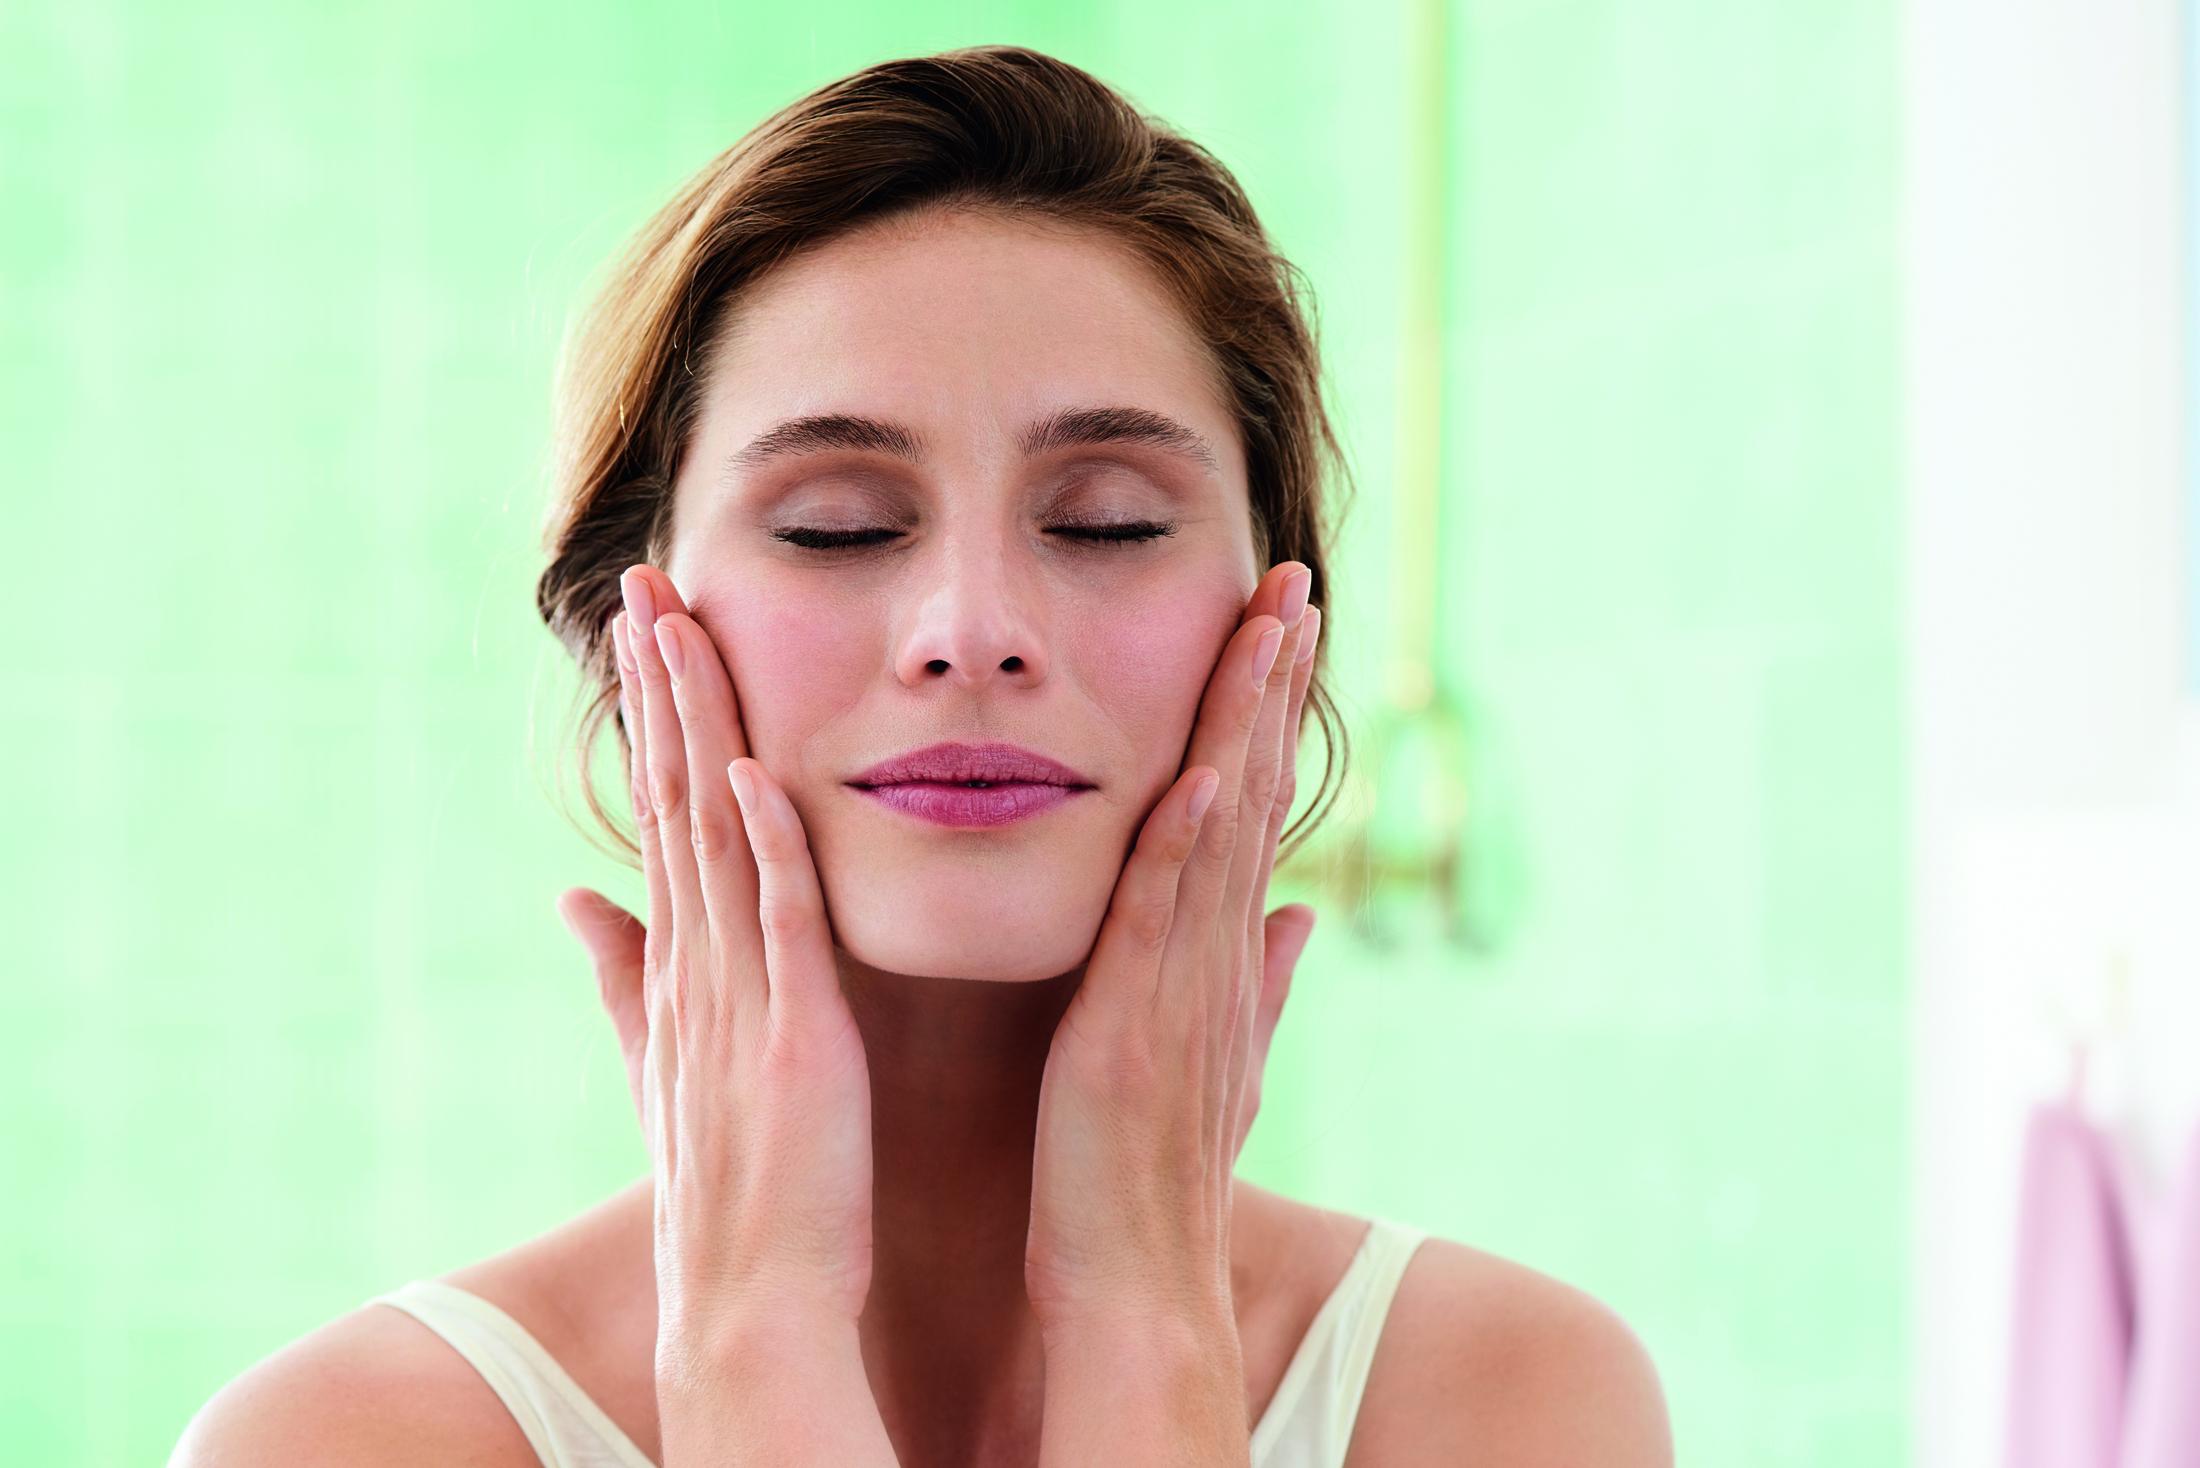 non-toxic skin care